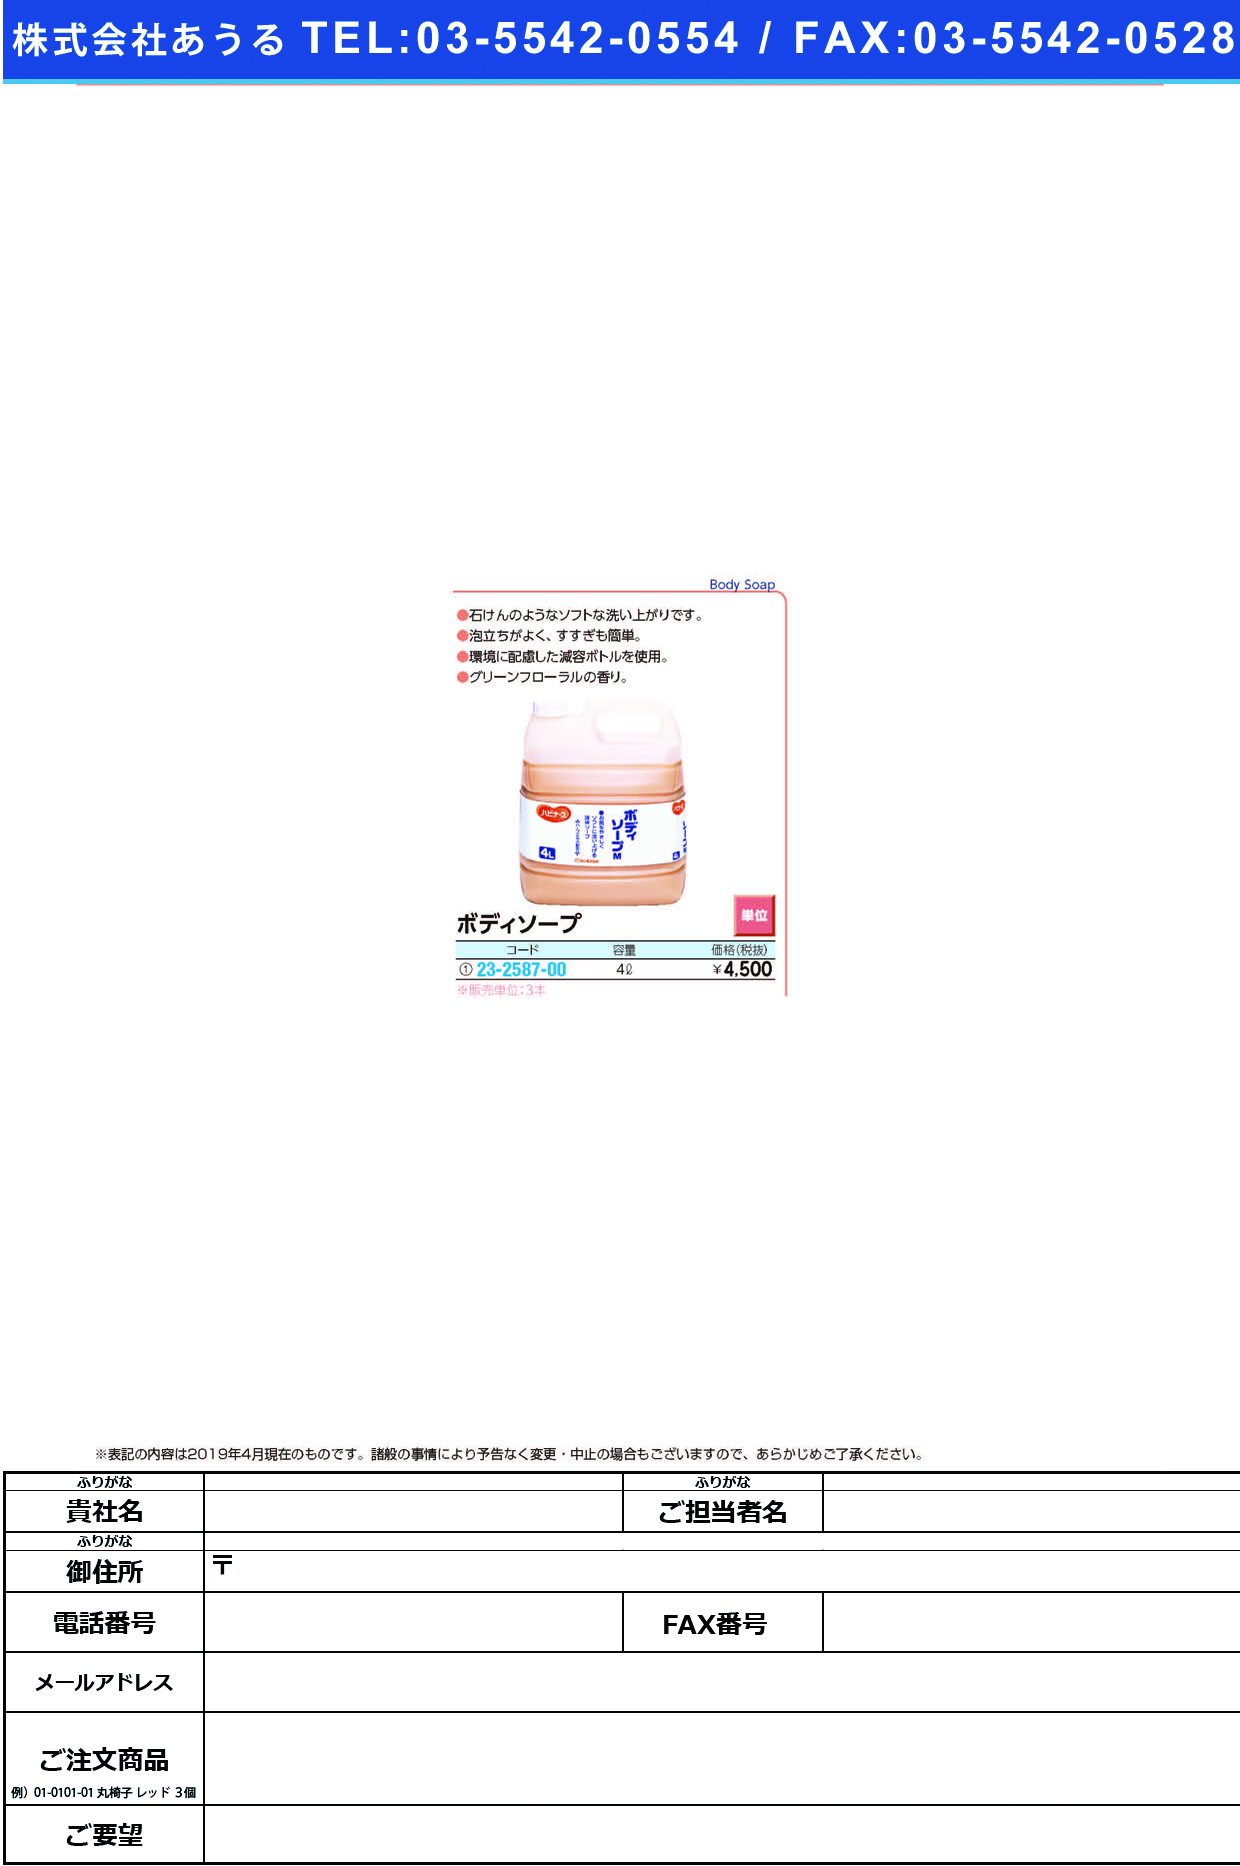 (23-2587-00)ハビナースボディソープ(業務用) 11904(4L) ハビナースボディソープ(ピジョンタヒラ)【3本単位】【2019年カタログ商品】